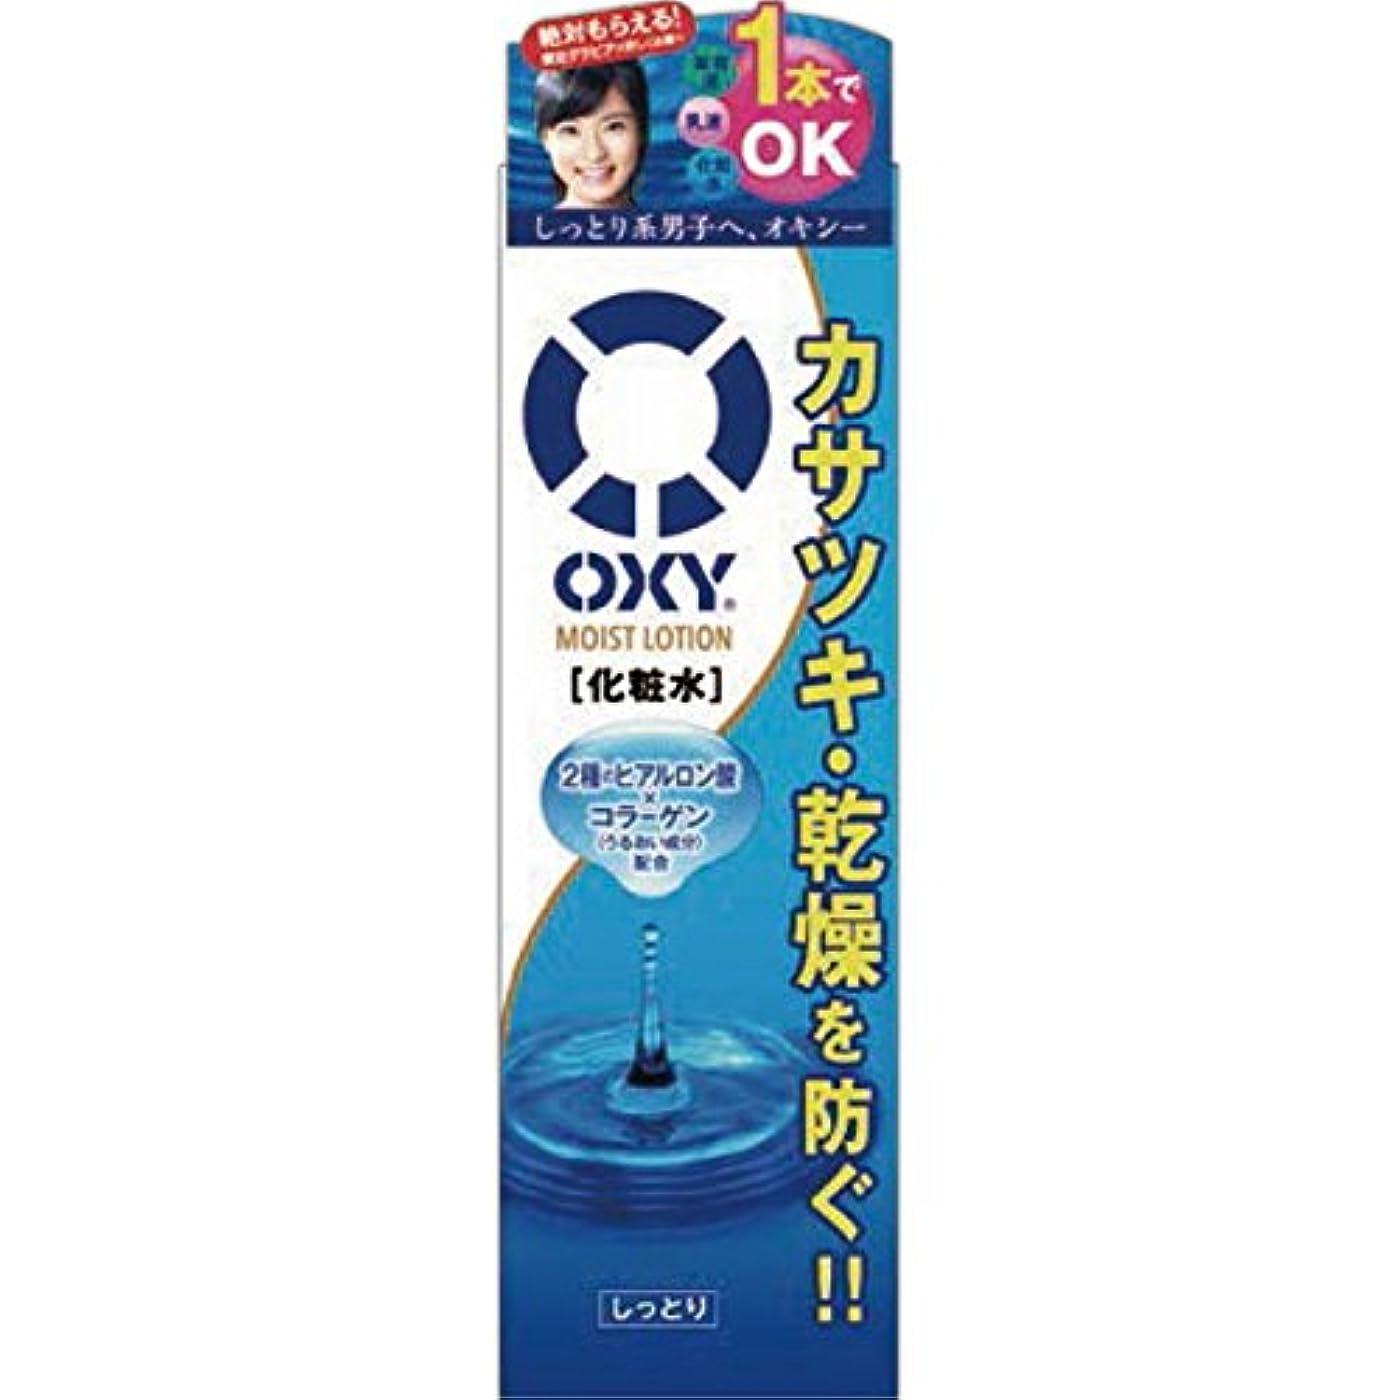 平凡あらゆる種類のキャプテンオキシー (Oxy) モイストローション オールインワン化粧水 2種のヒアルロン酸×コラーゲン配合 ゼラニウムの香 170mL